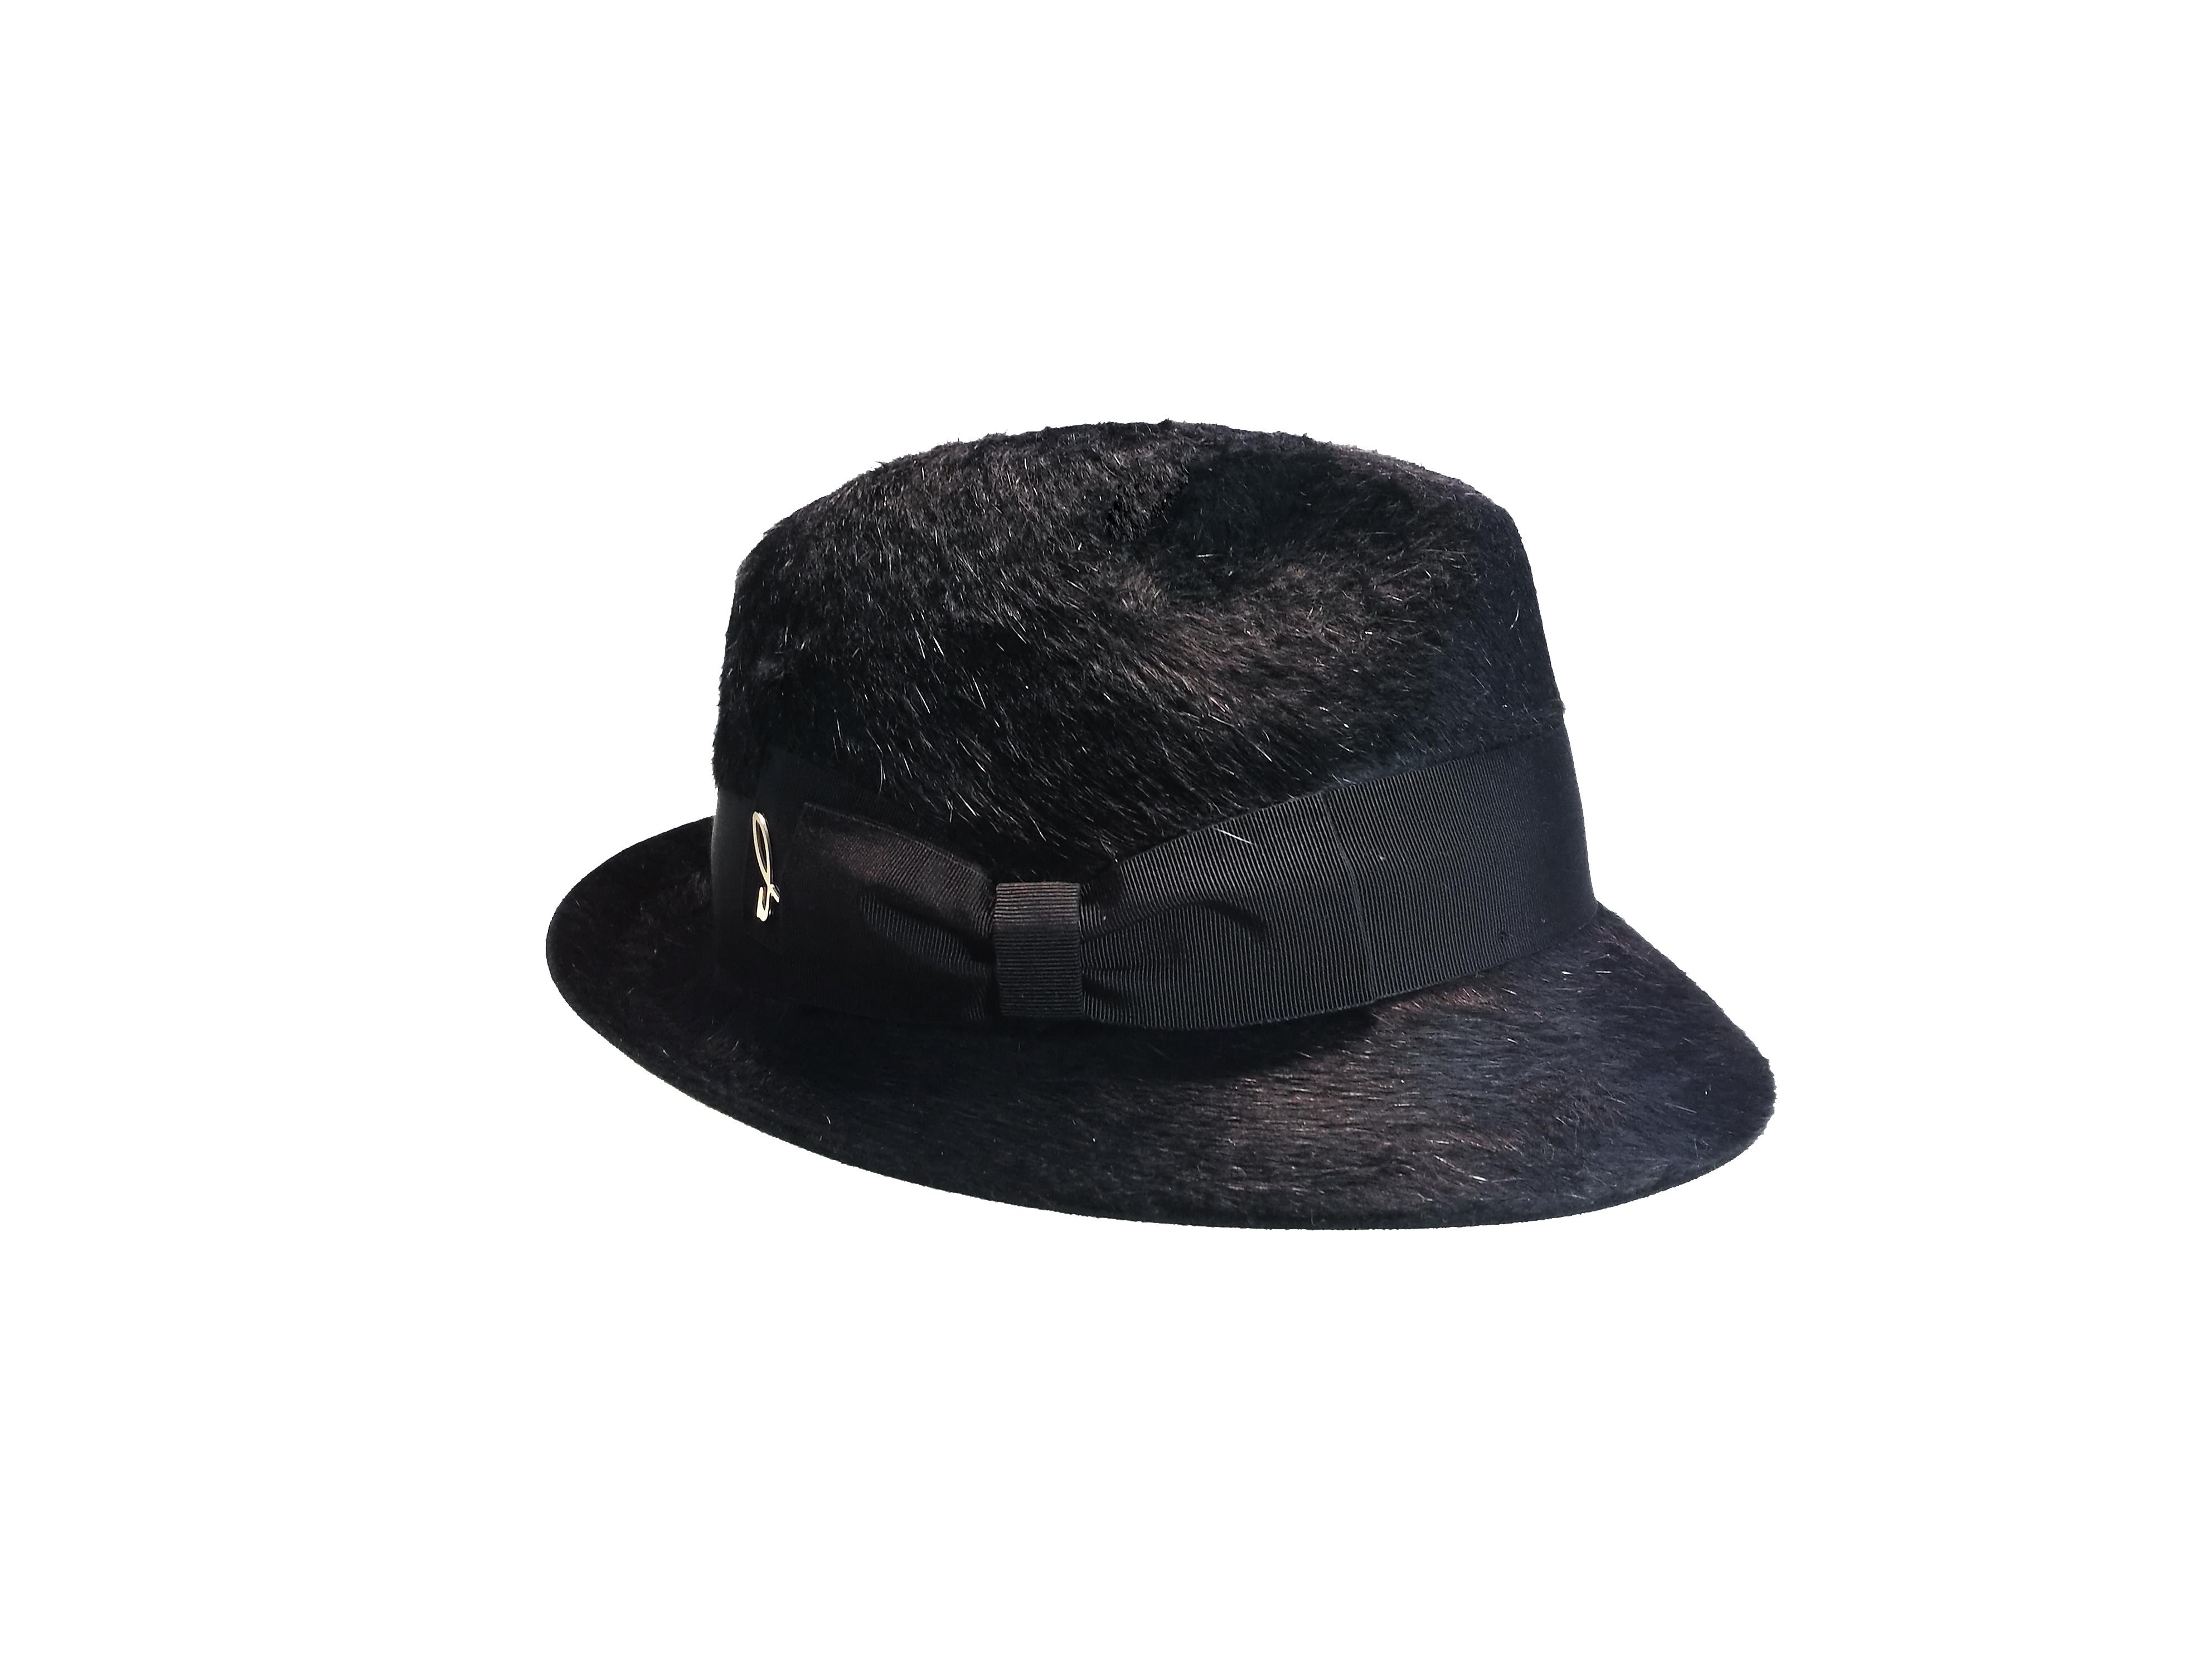 3eecd70dedb Felt trilby Hat with